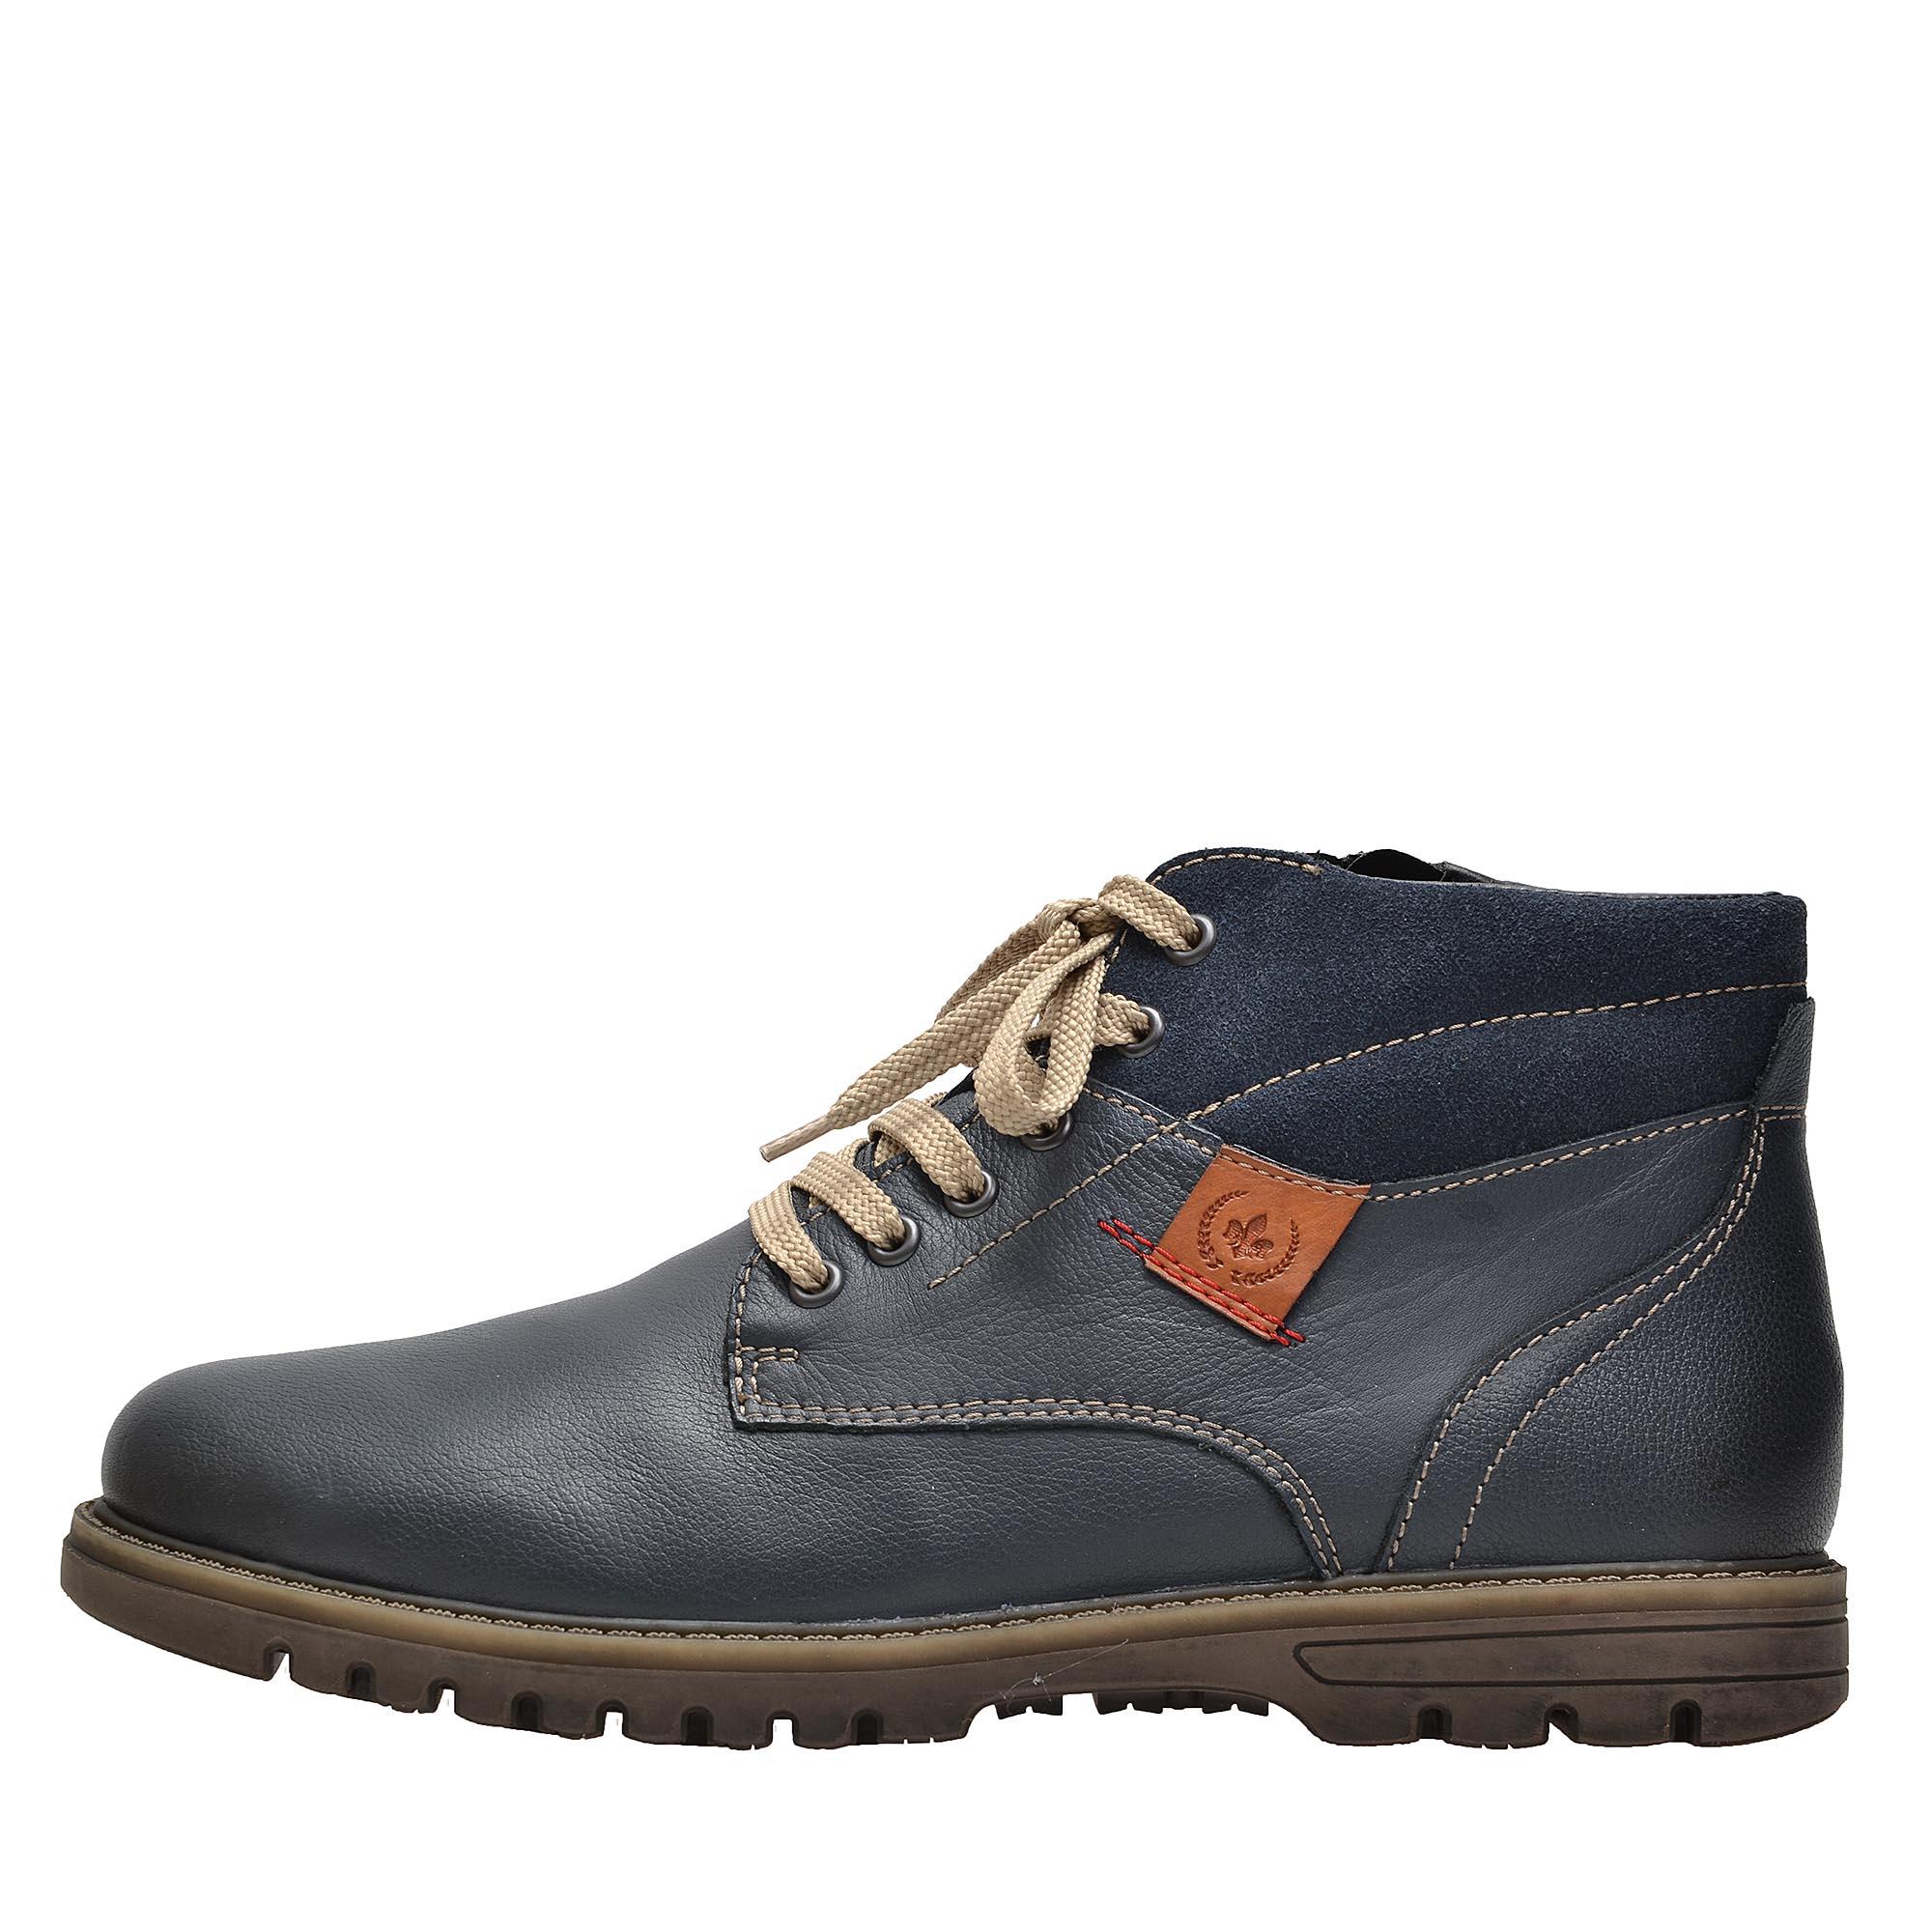 939d7d6de286 Pánská obuv RIEKER F3124-12 ZIMNÍ